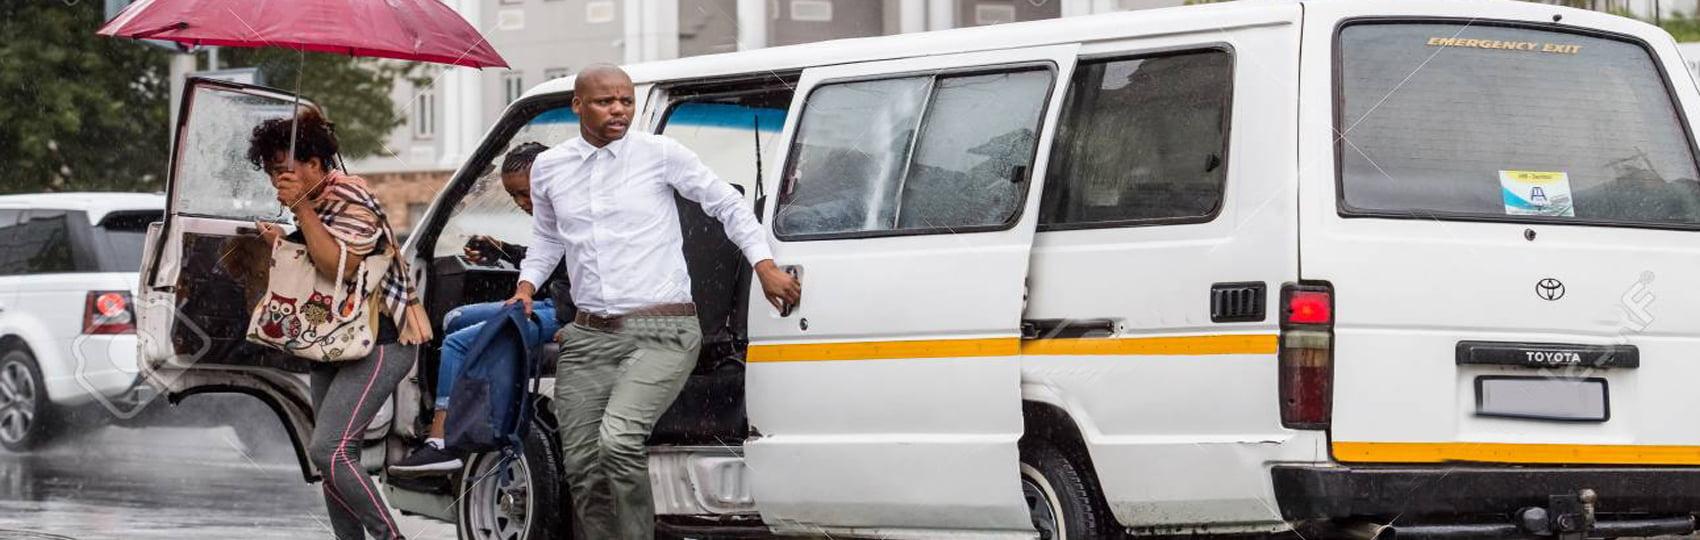 Noticias del sector del taxi y la movilidad en Sudáfrica. Mantente informado de todas las noticias del taxi de Sudáfrica en el grupo de Facebook de Todo Taxi.